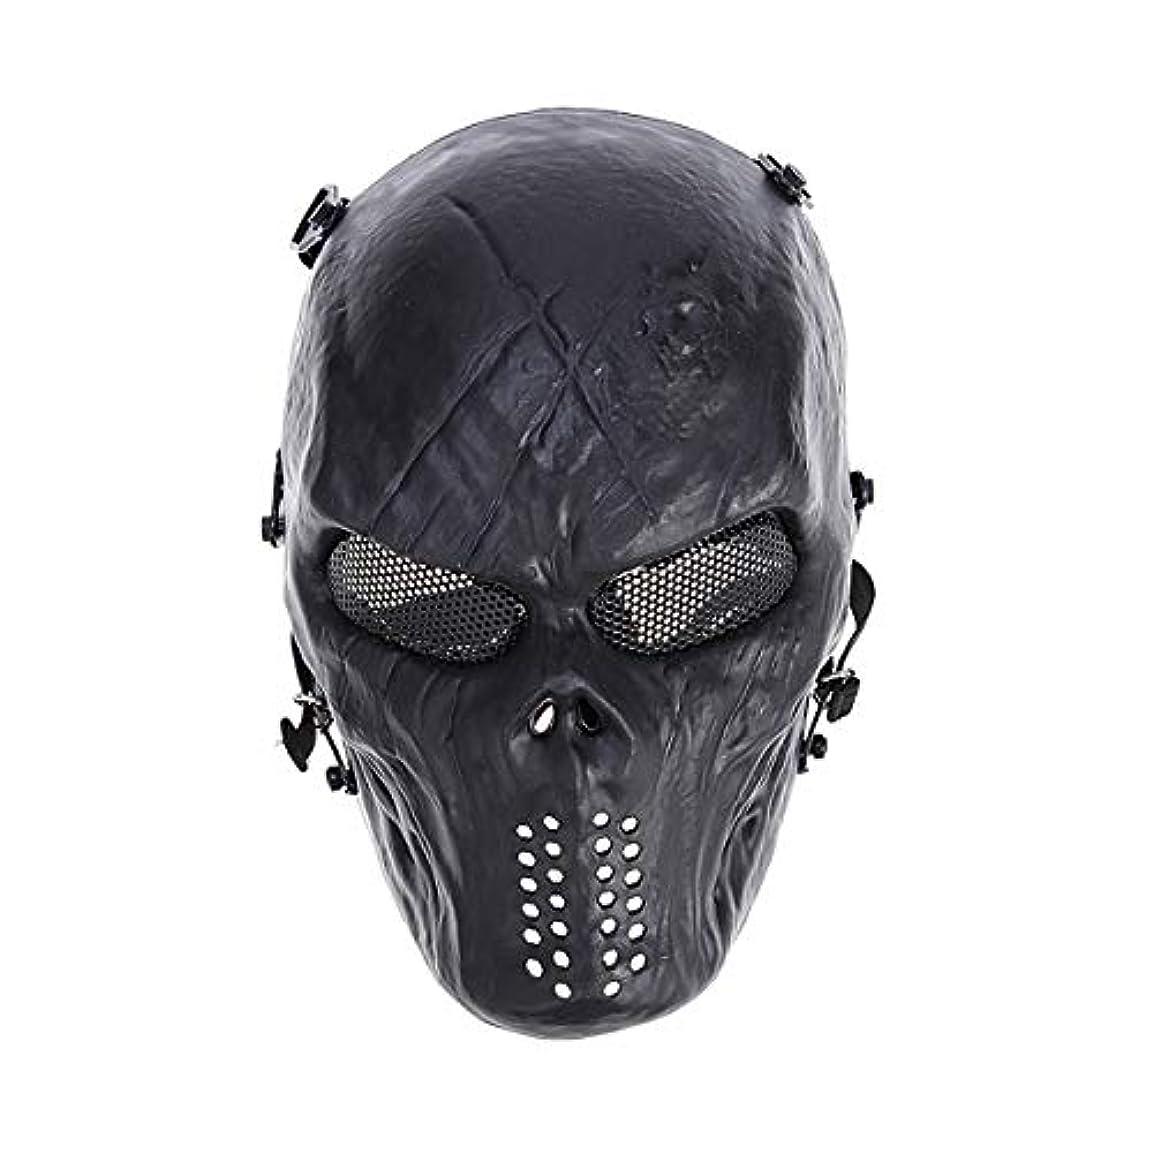 破壊的素敵な褒賞VORCOOL CSフィールドマスクハロウィンパーティーコスチュームマスク調整可能な戦術マスク戦闘保護顔耳保護征服マスク(黒)